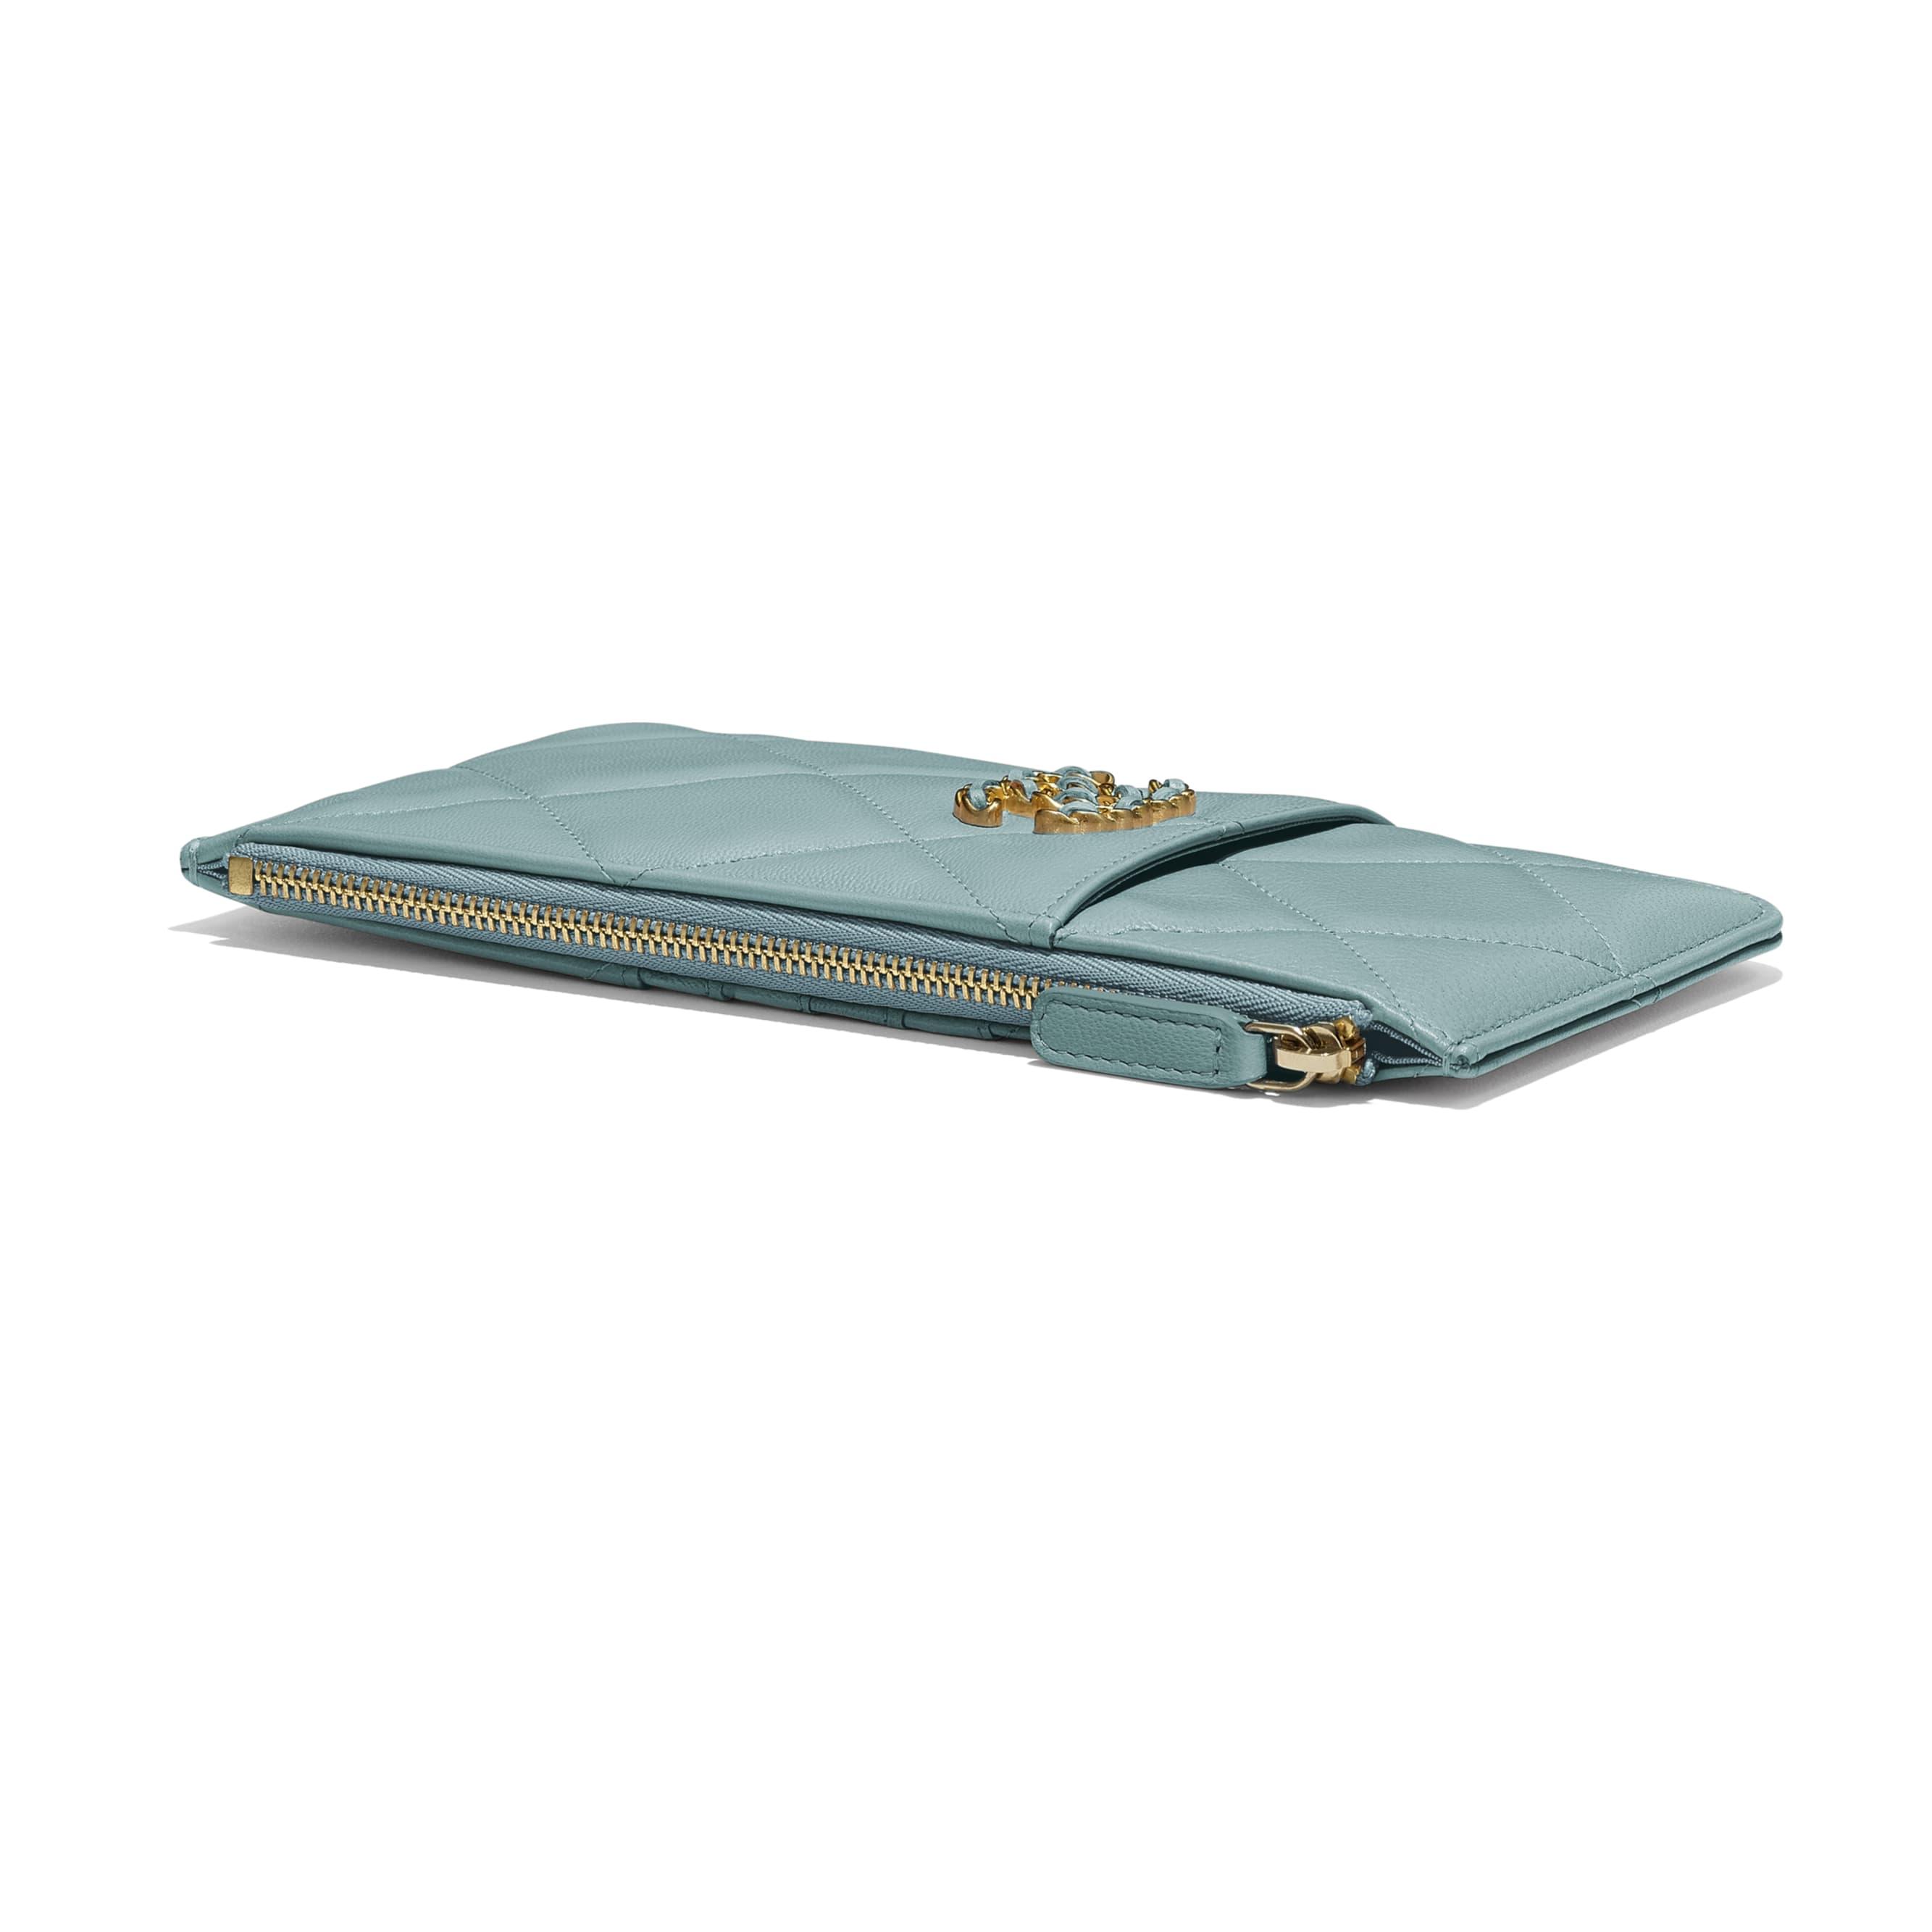 กระเป๋าใส่โทรศัพท์มือถือและบัตร CHANEL 19 - สีฟ้า - หนังแพะเคลือบเงา สีทอง สีเงิน และโลหะเคลือบรูทีเนียม - มุมมองพิเศษ - ดูเวอร์ชันขนาดมาตรฐาน